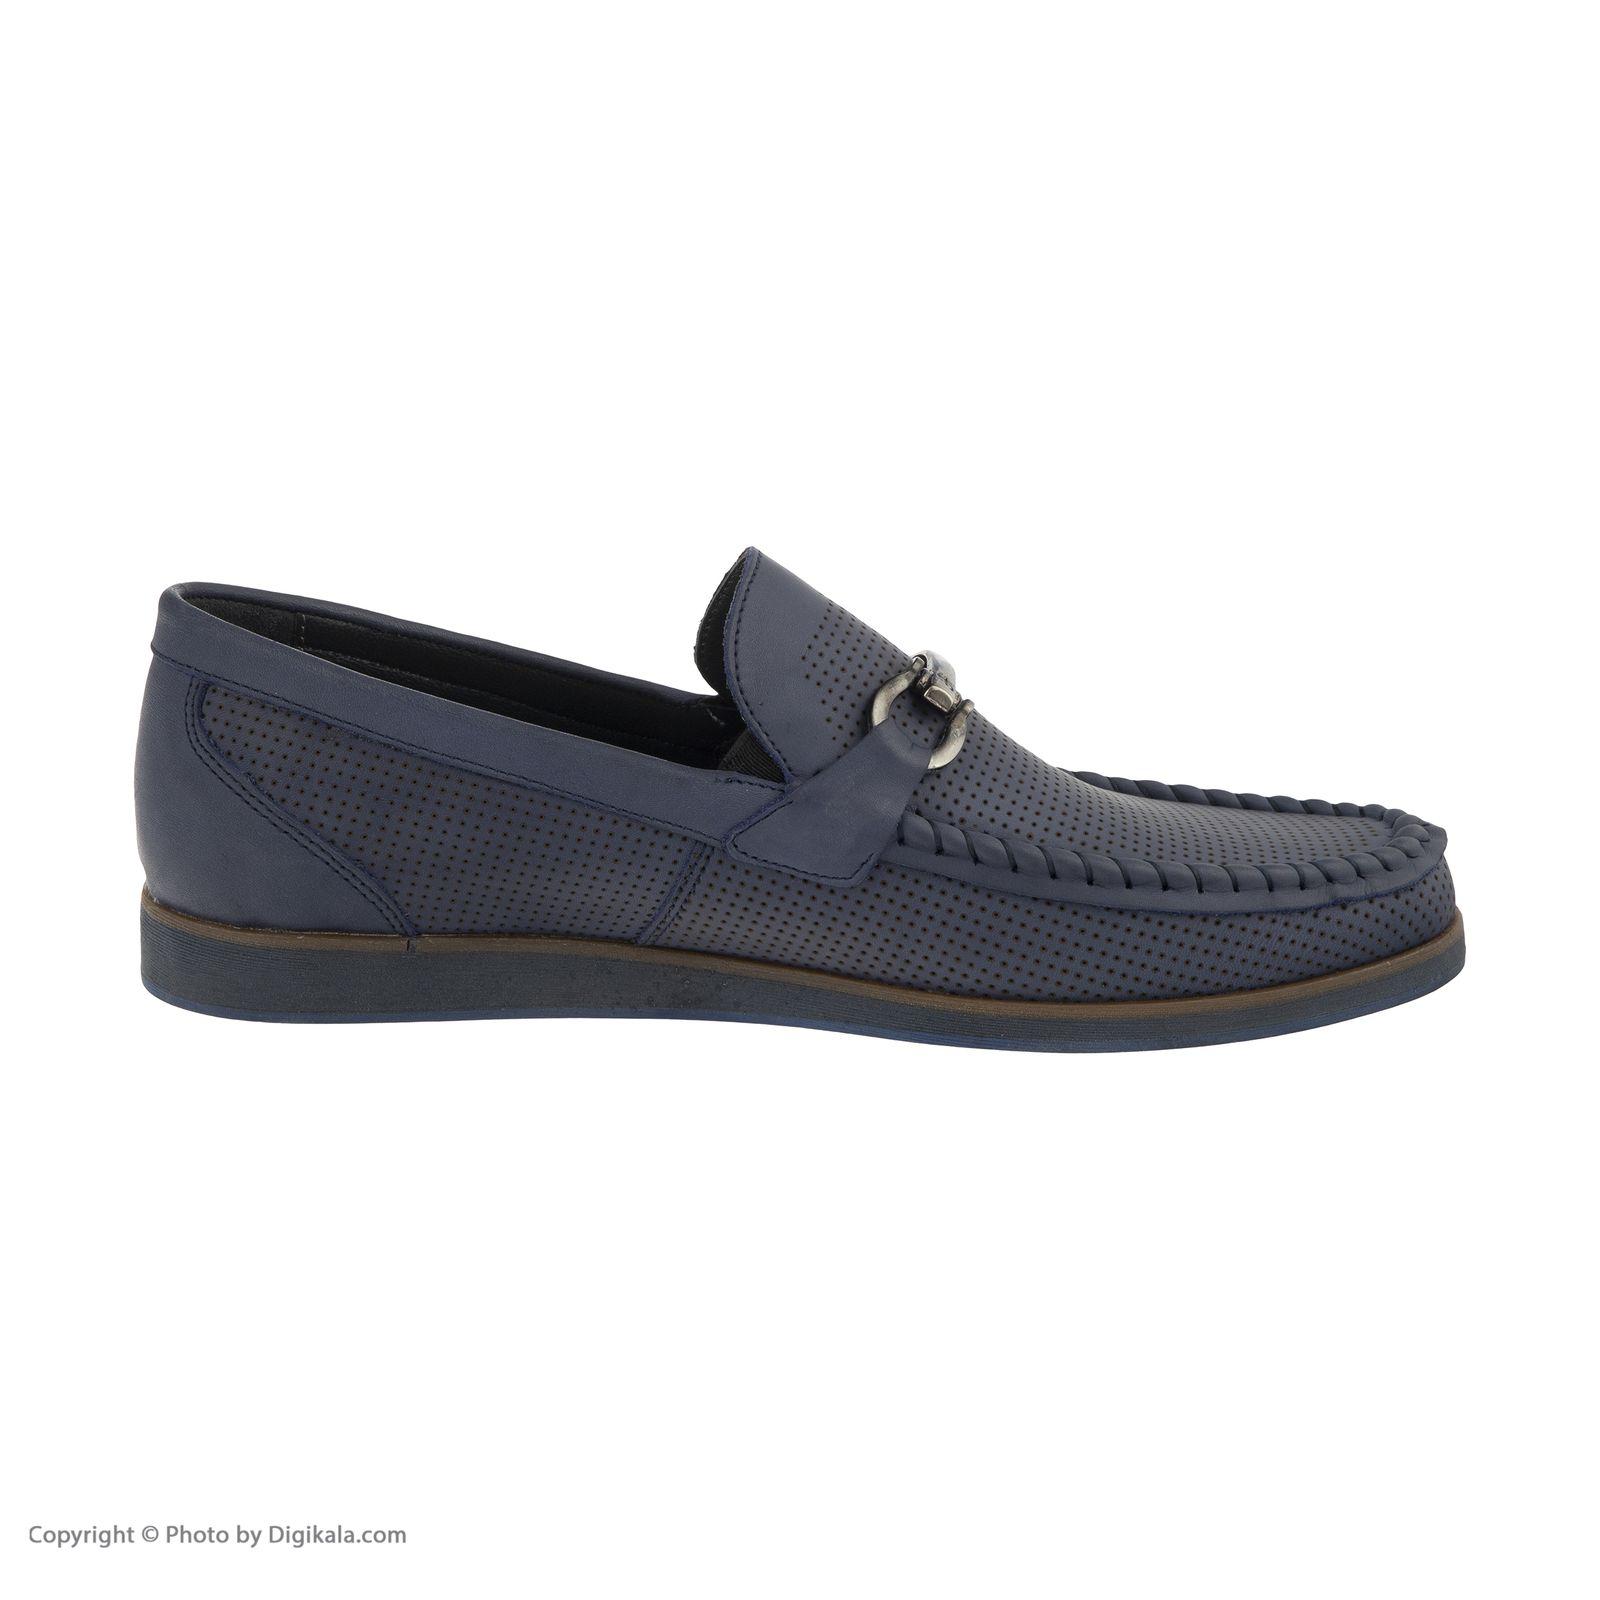 کفش روزمره مردانه سوته مدل 5014A503103 -  - 5